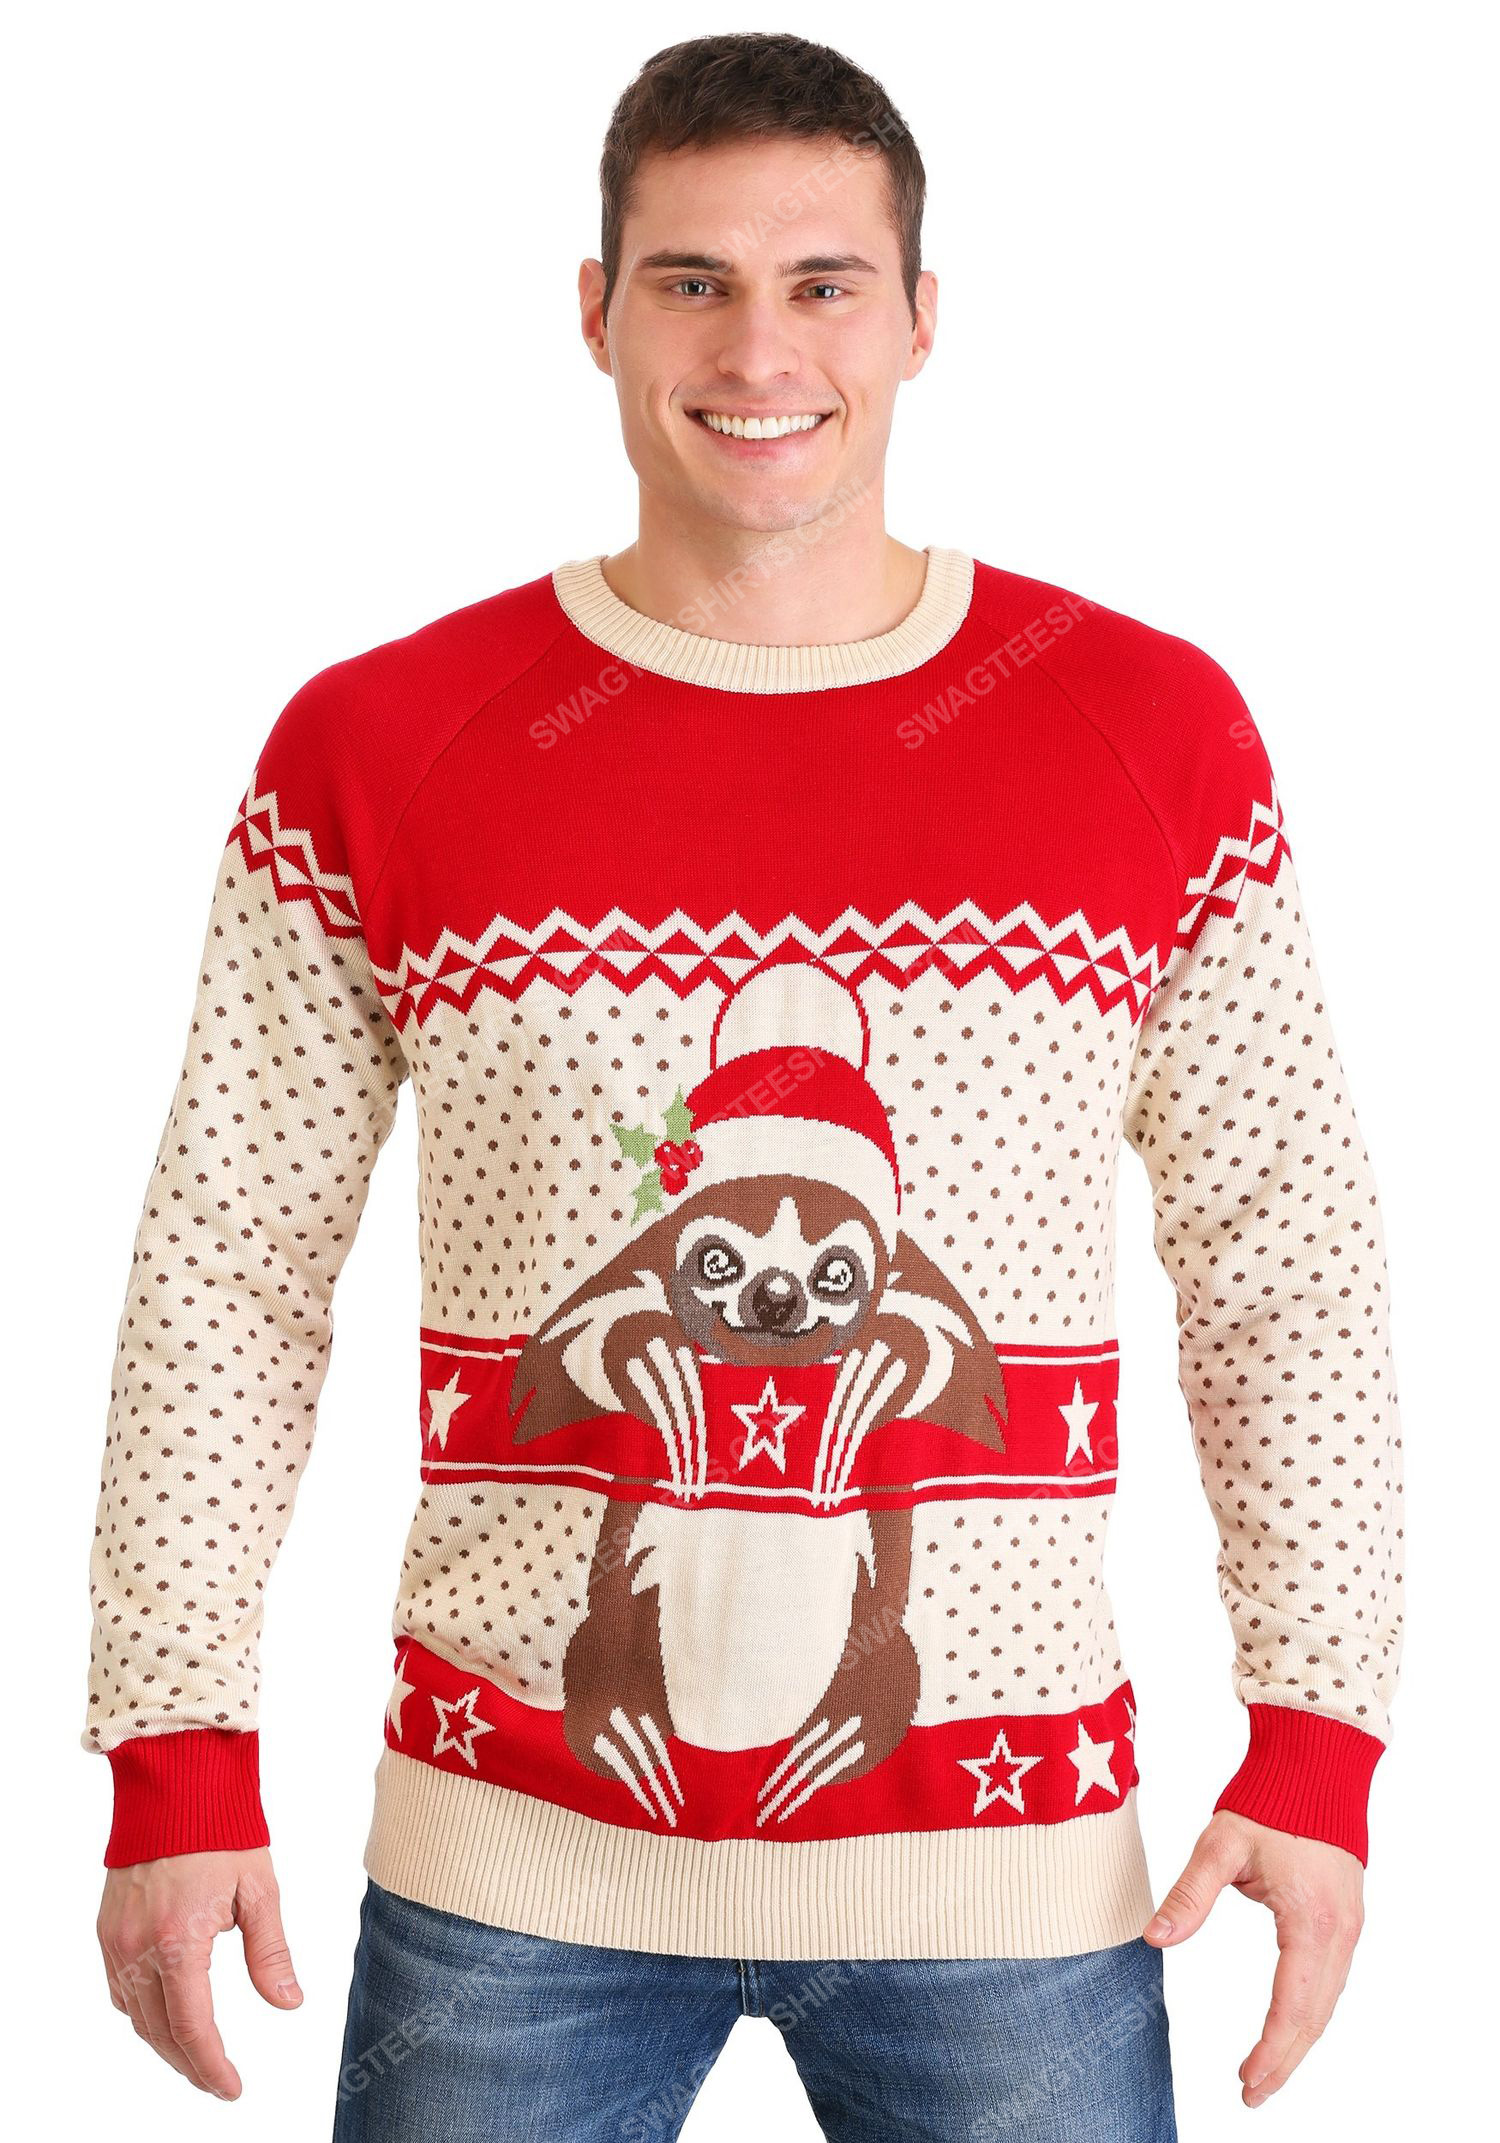 Christmas holiday sloth full print ugly christmas sweater 2 - Copy